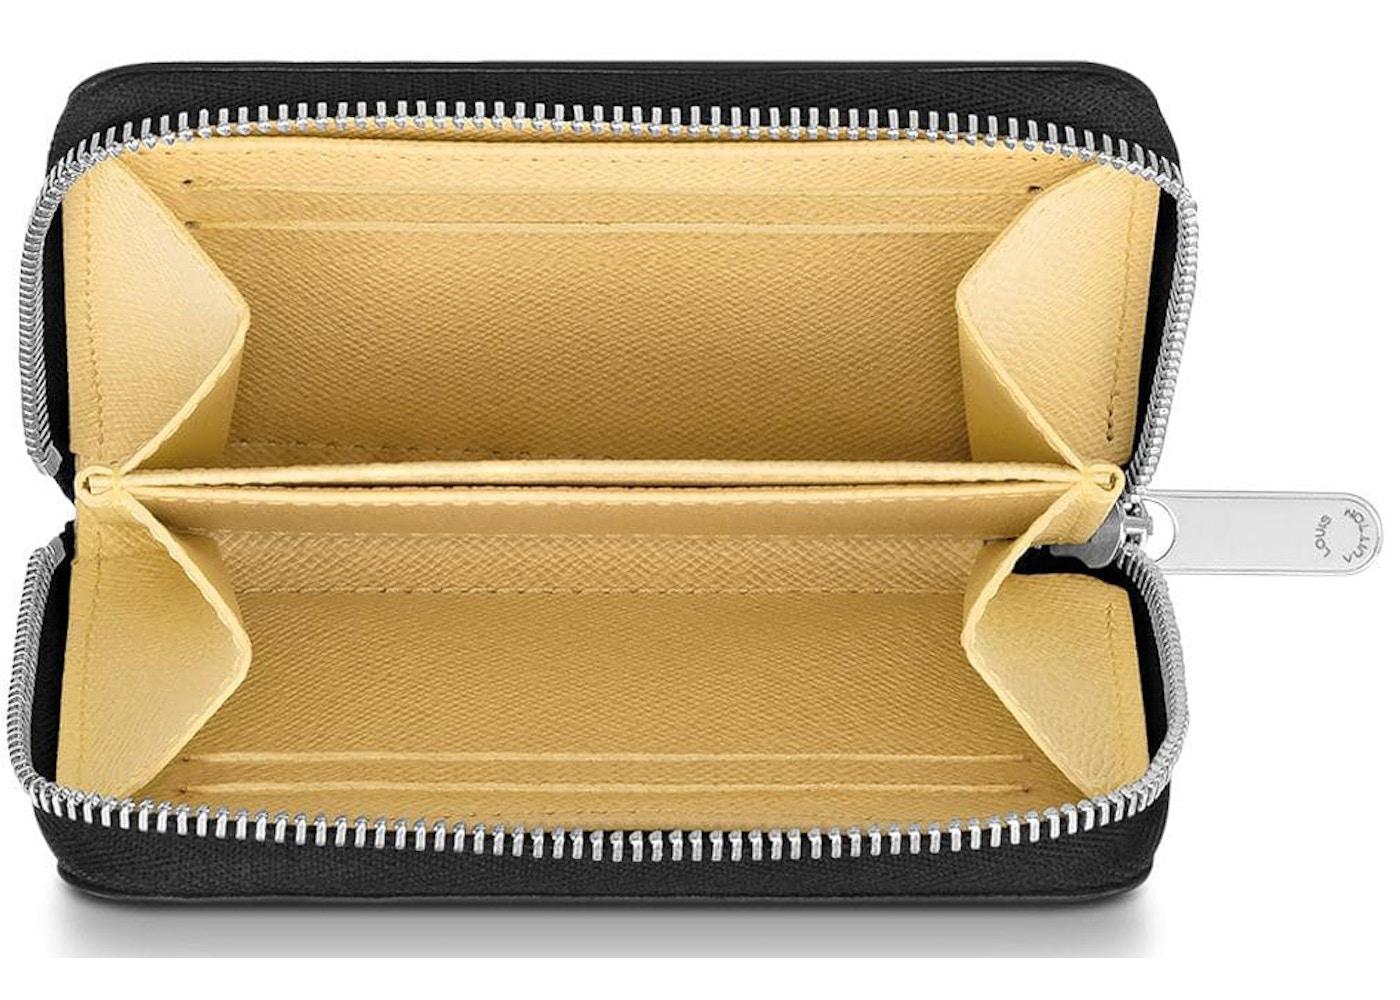 lv zippy coin purse